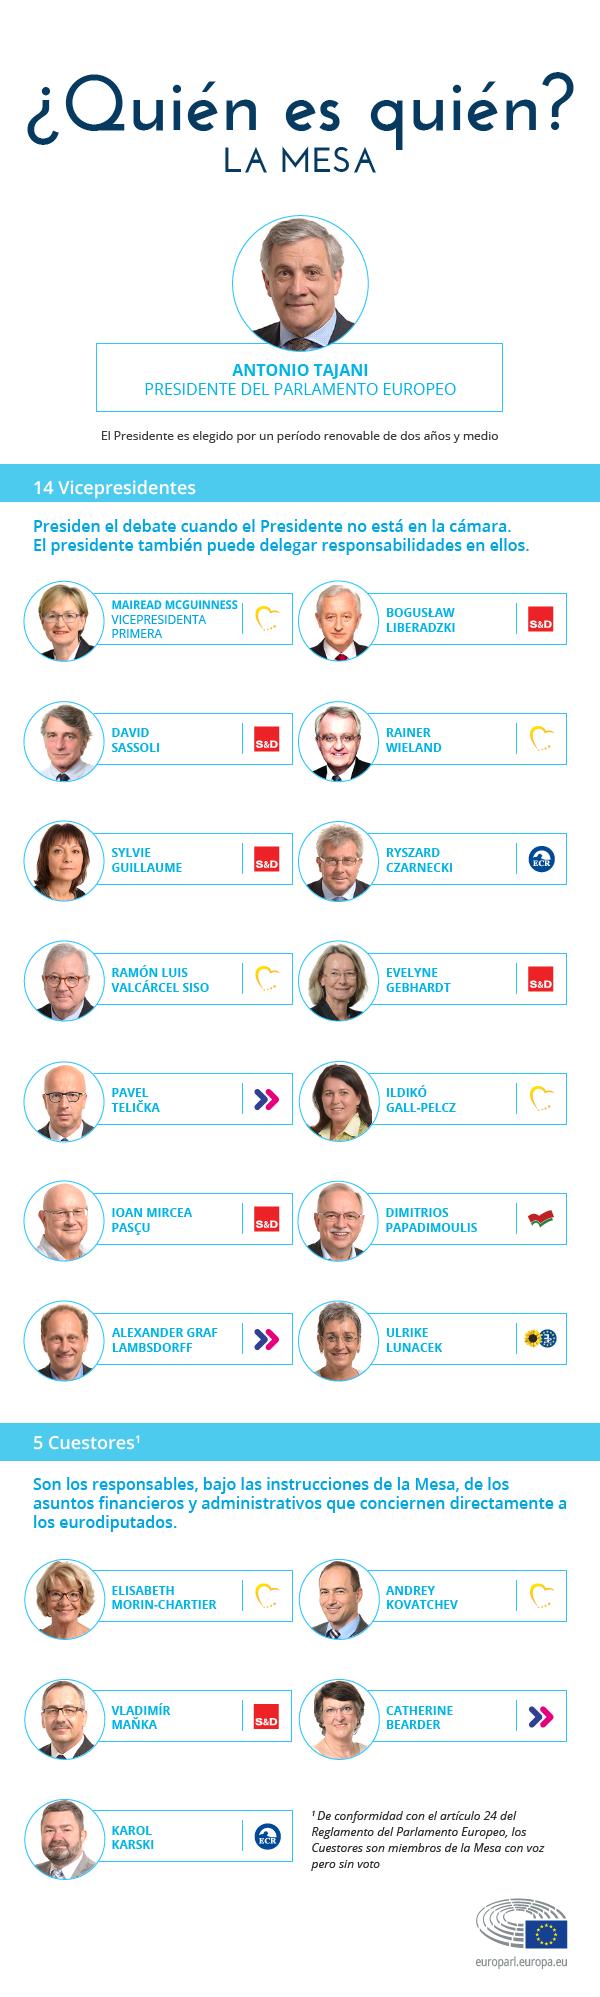 Cargos más relevantes del Parlamento Europeo durante el segundo tramo de la legislatura 2014-2019.